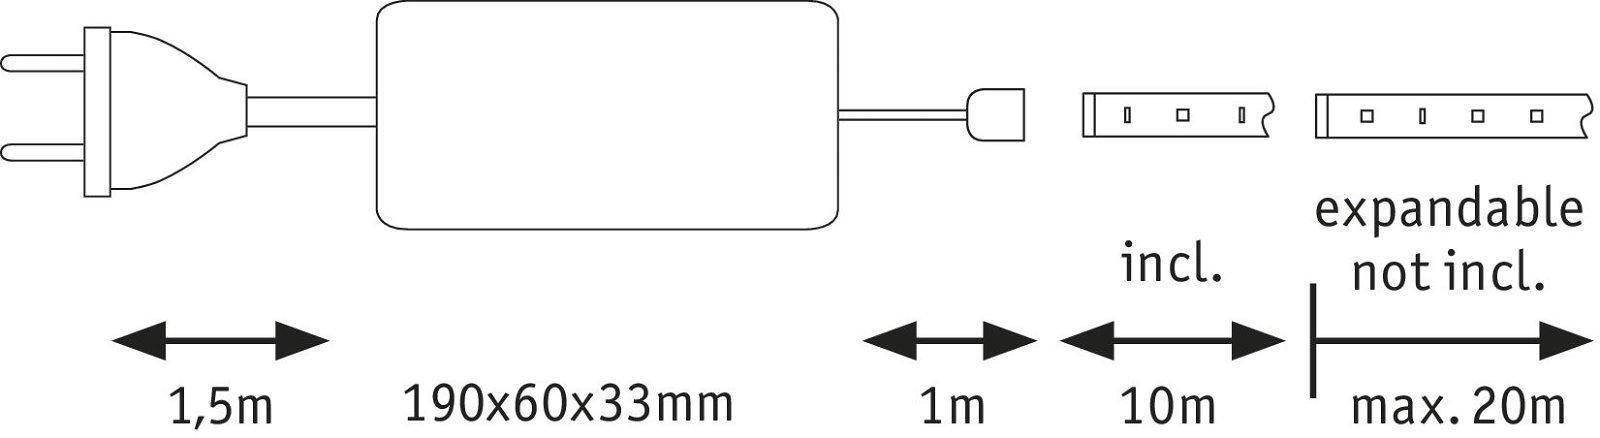 MaxLED 500 LED Strip Warm wit 10m 50W 550lm/m 2700K 75VA